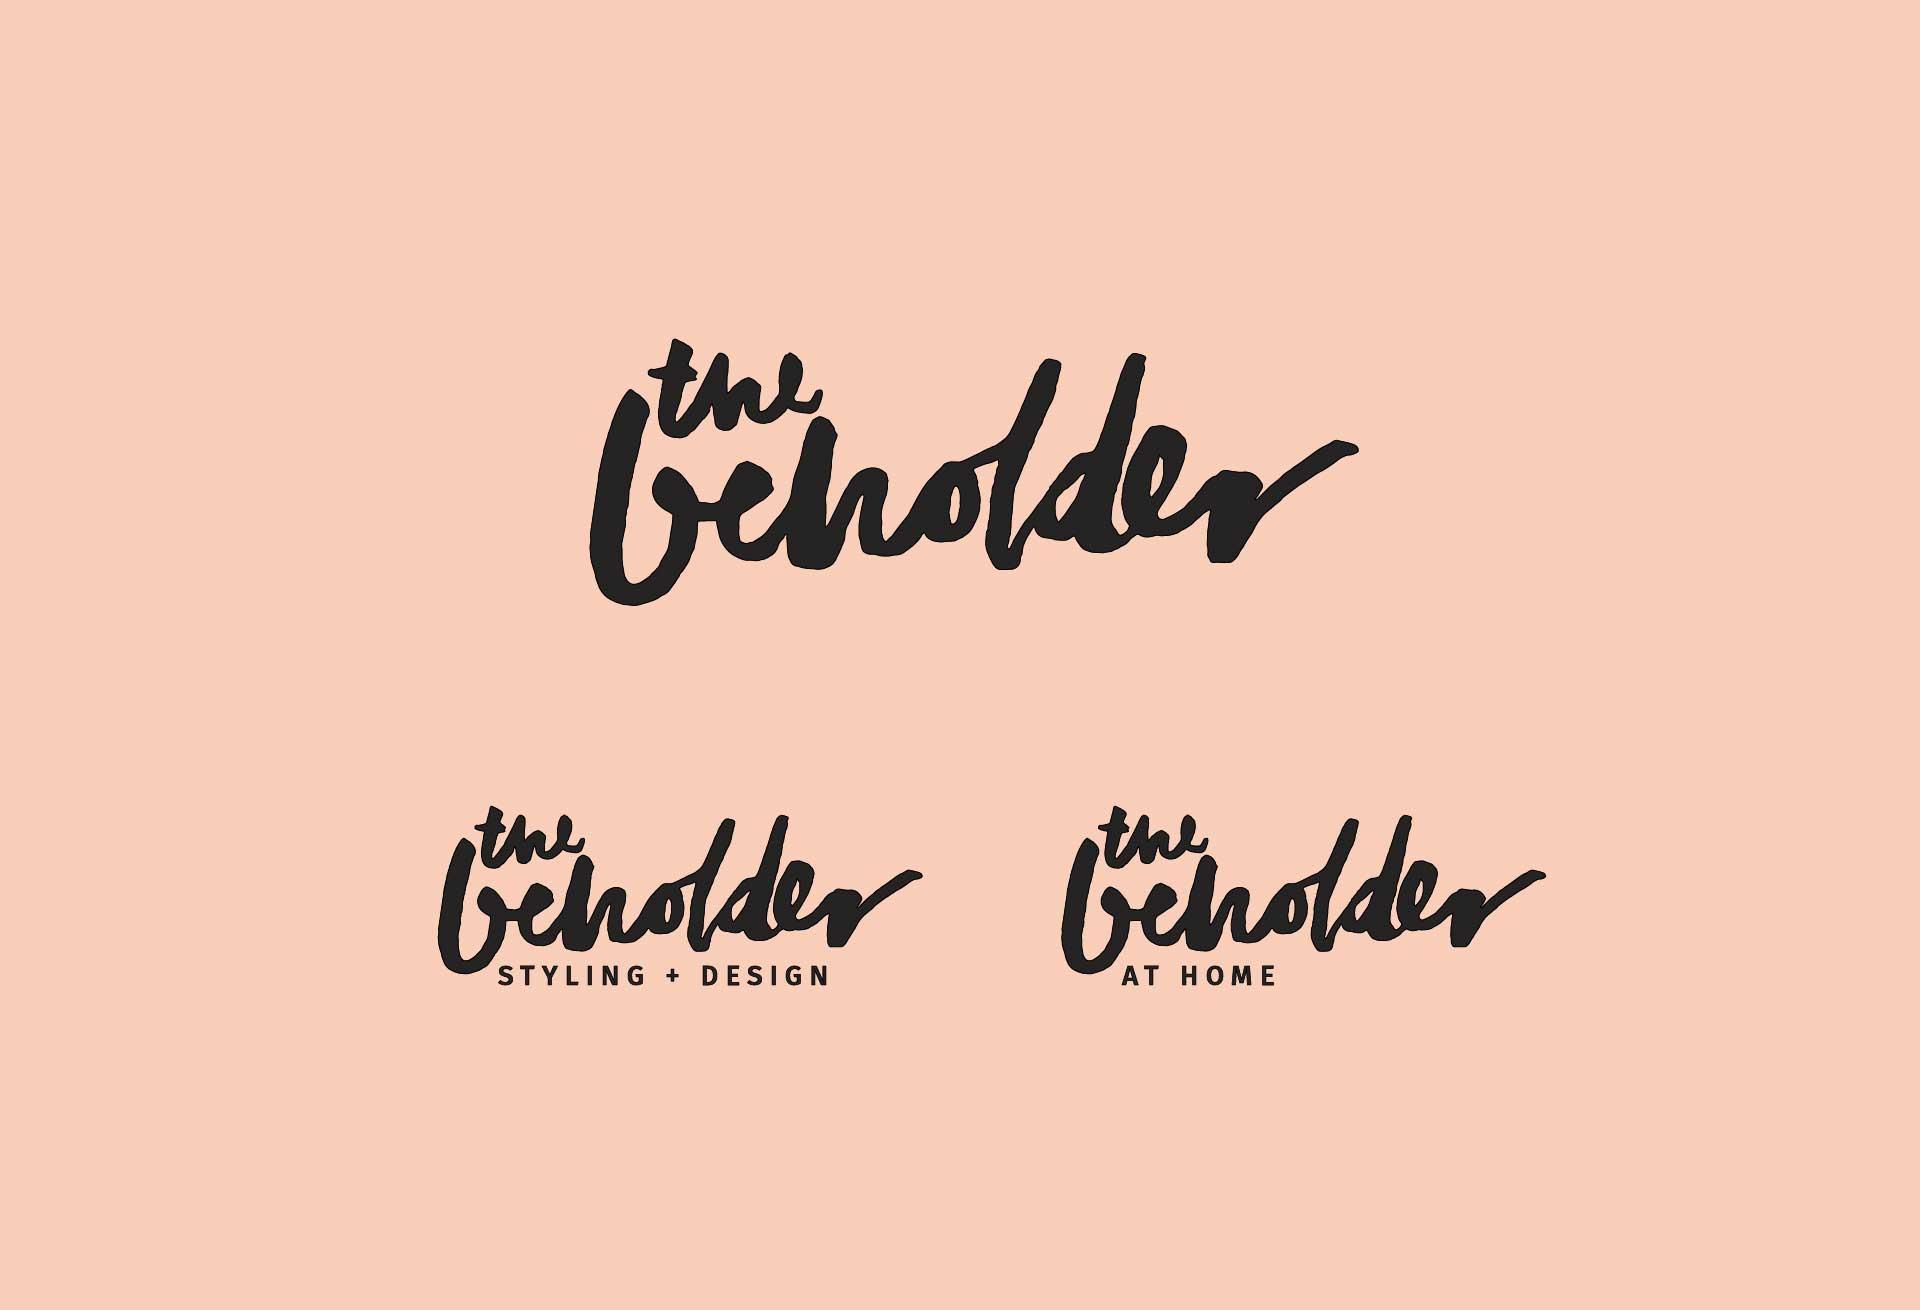 Logo design for The Beholder Styling + Design